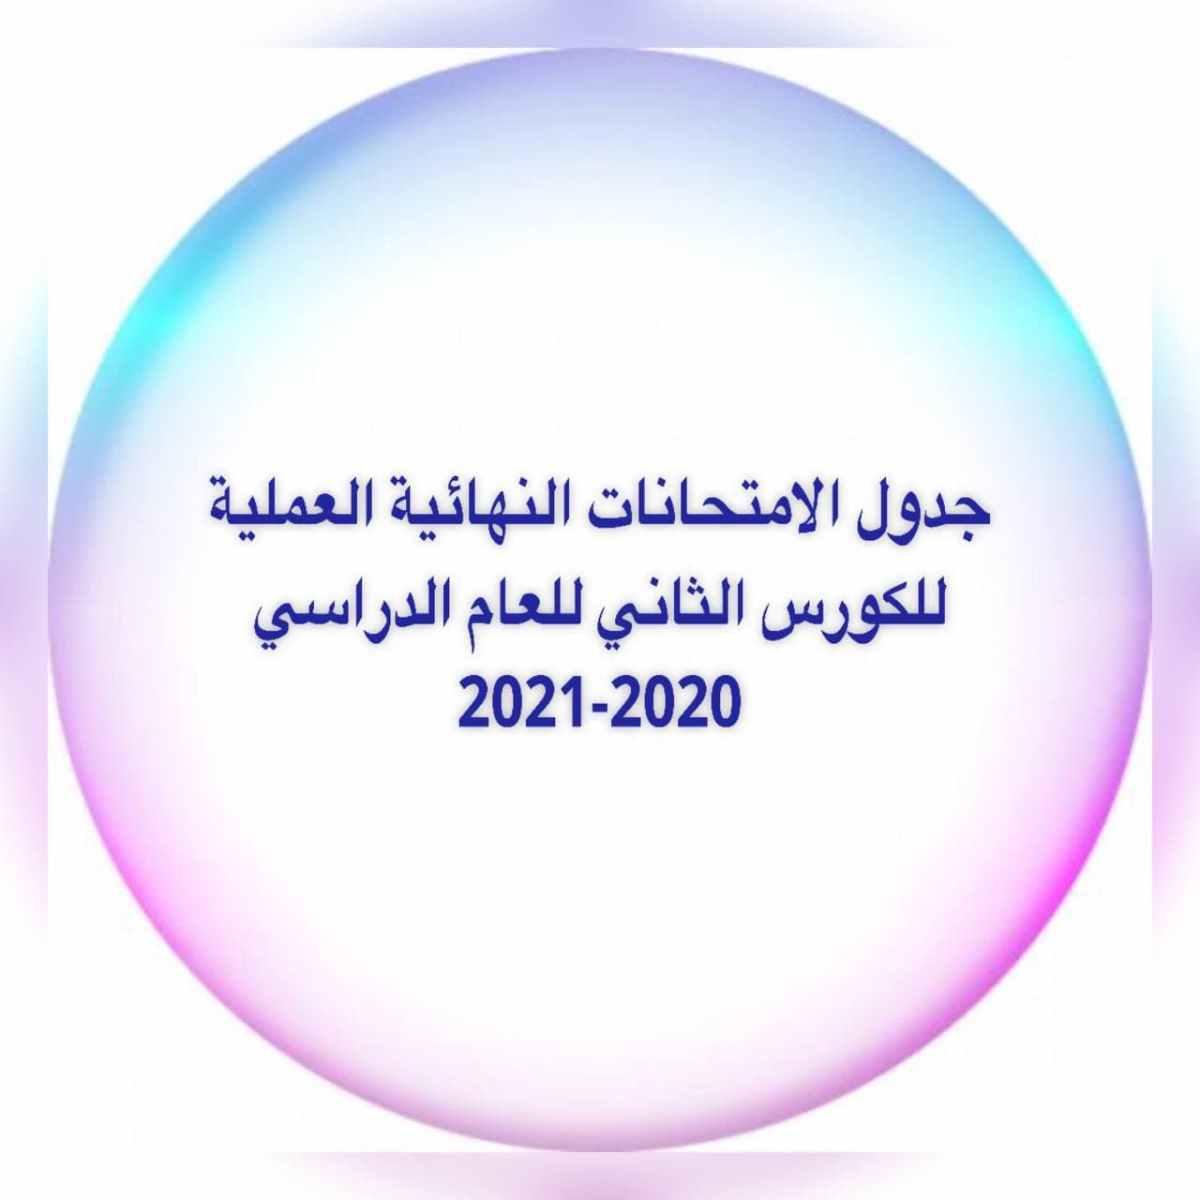 جدول الامتحان النهائي للكورس الثاني مختبرات الحاسوب (المادة العملية) للدراستين الصباحية والمسائية للعام الدراسي 2020-2021